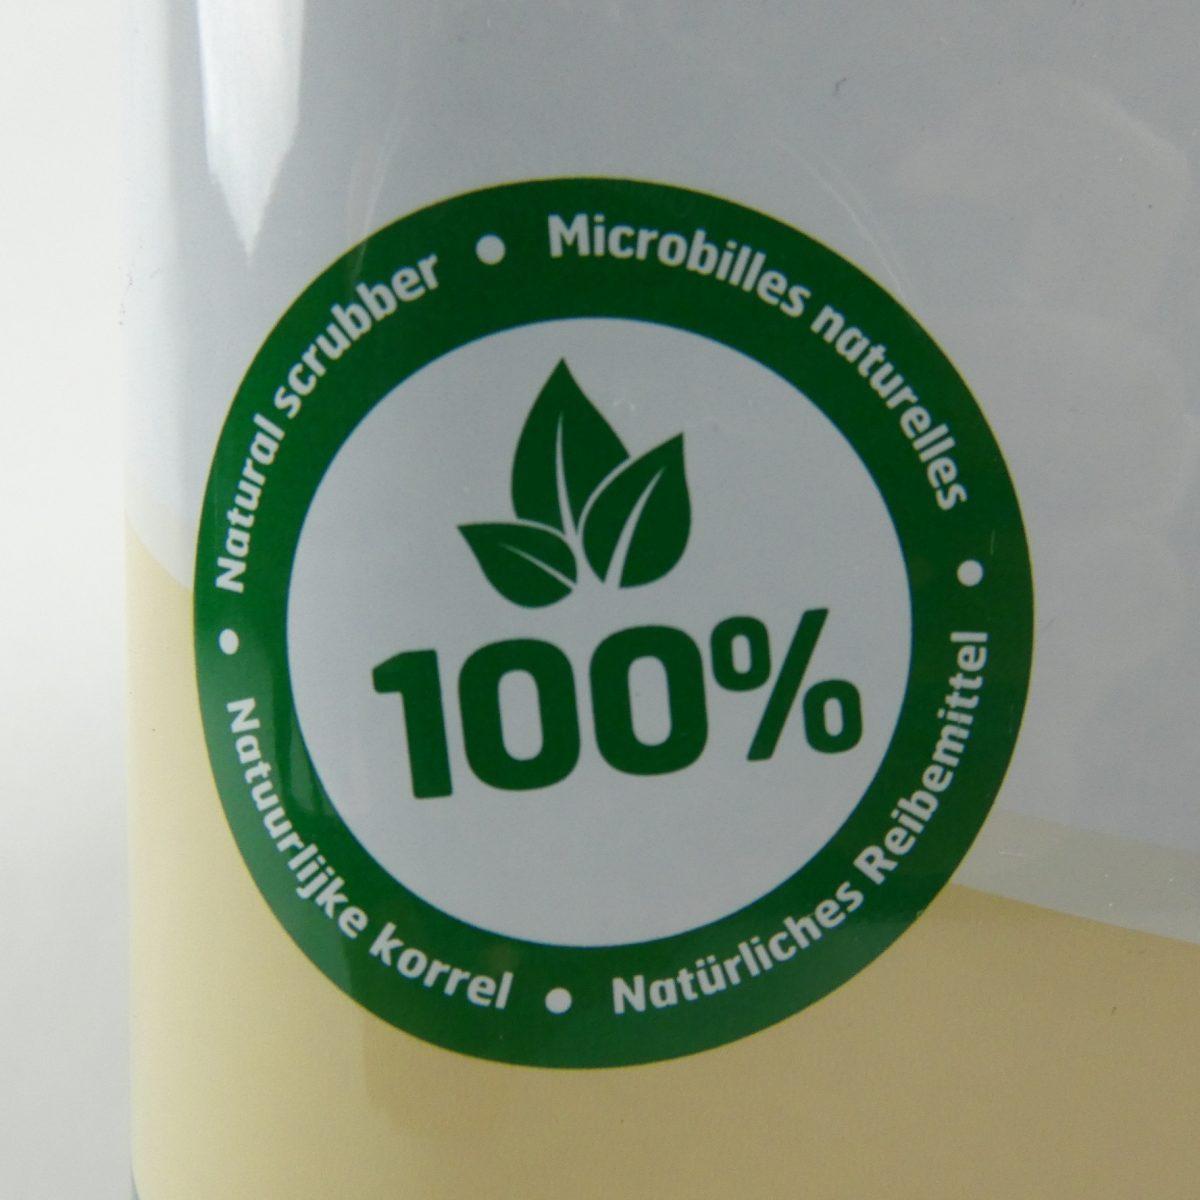 nstuurlijke korrels 100% zeep